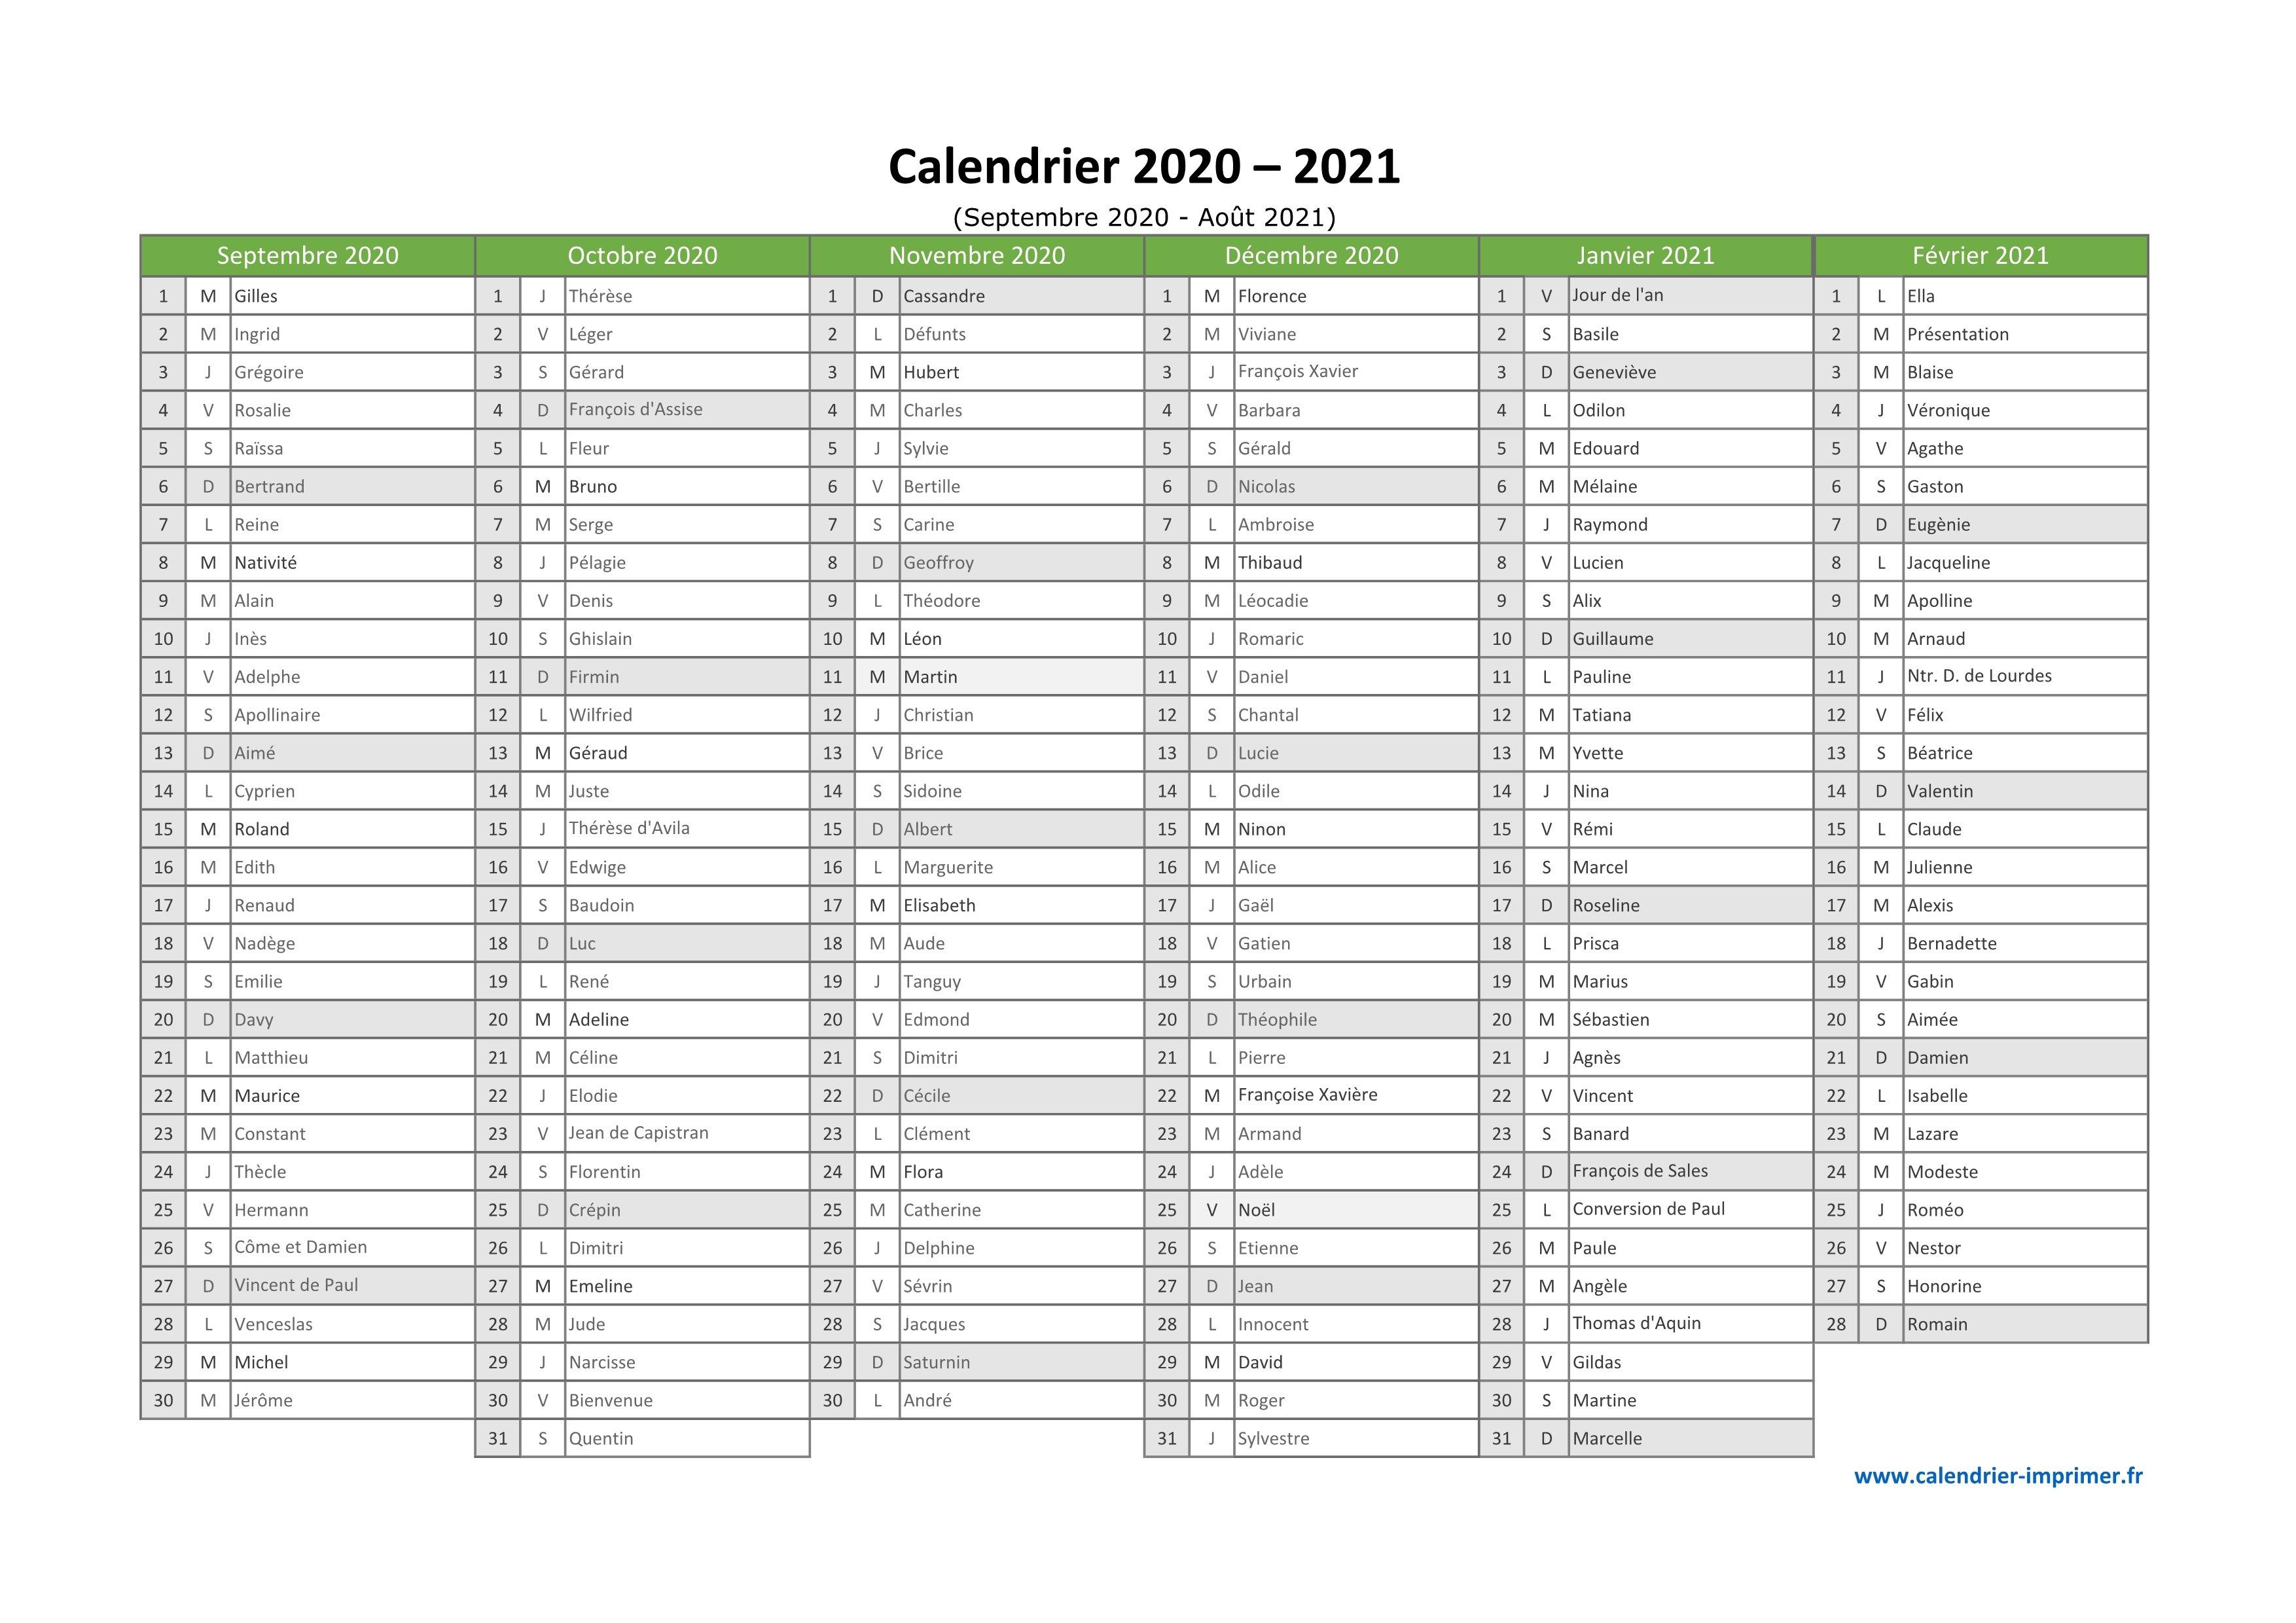 Calendrier Septembre 2021 à Aout 2021 Calendrier 2020 2021 à imprimer